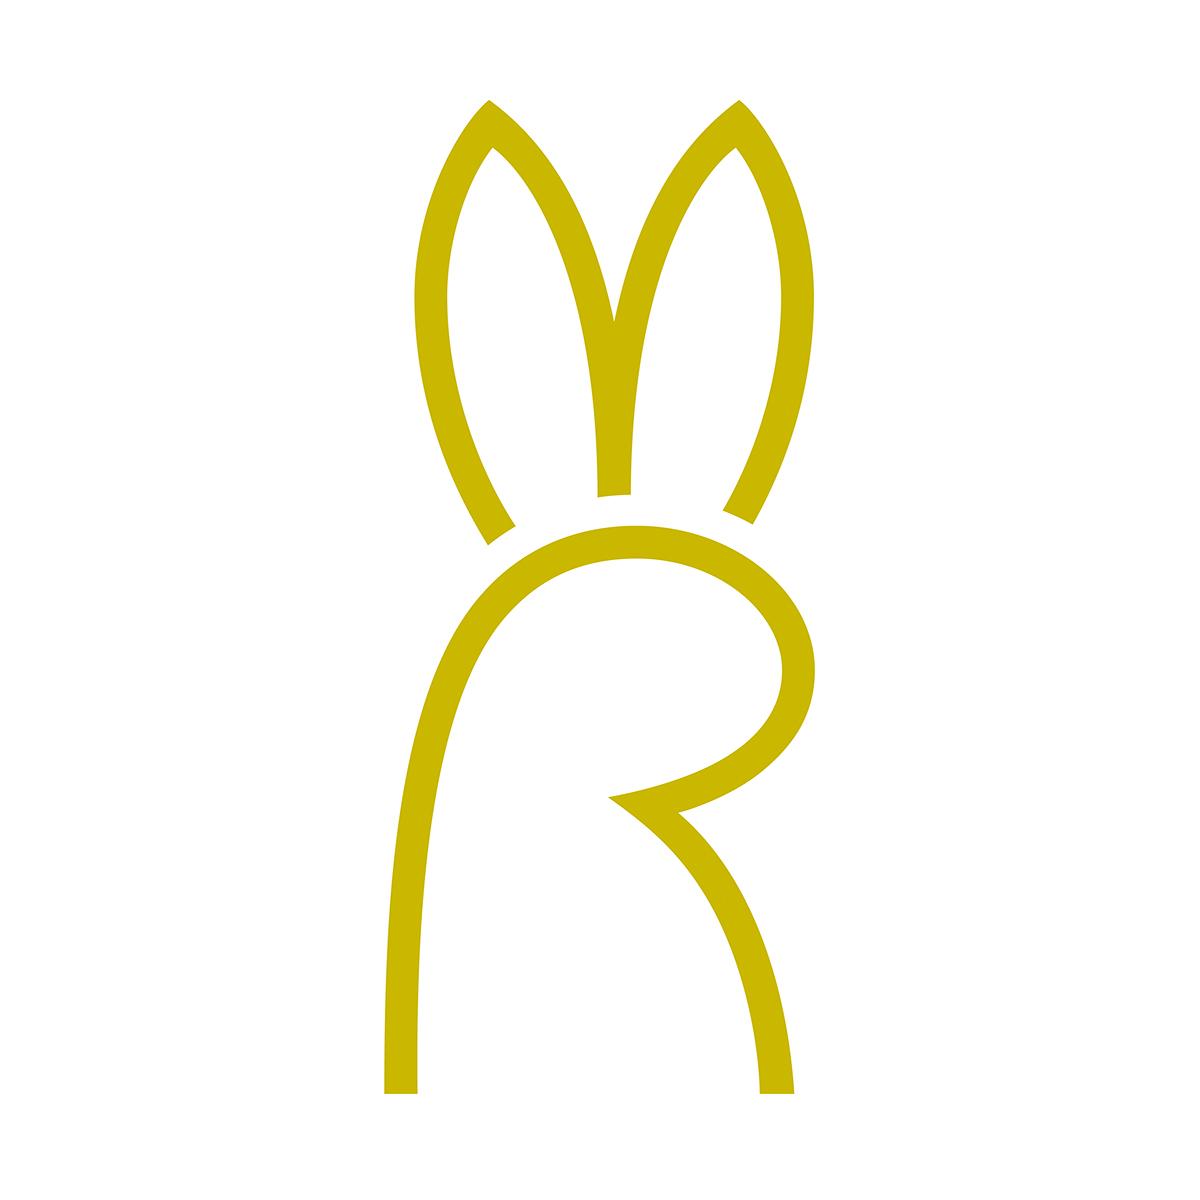 平野湟太郎|シンボル&ロゴ/「ムーンラビット」「サリュートカンパニー」「セゾングループ」